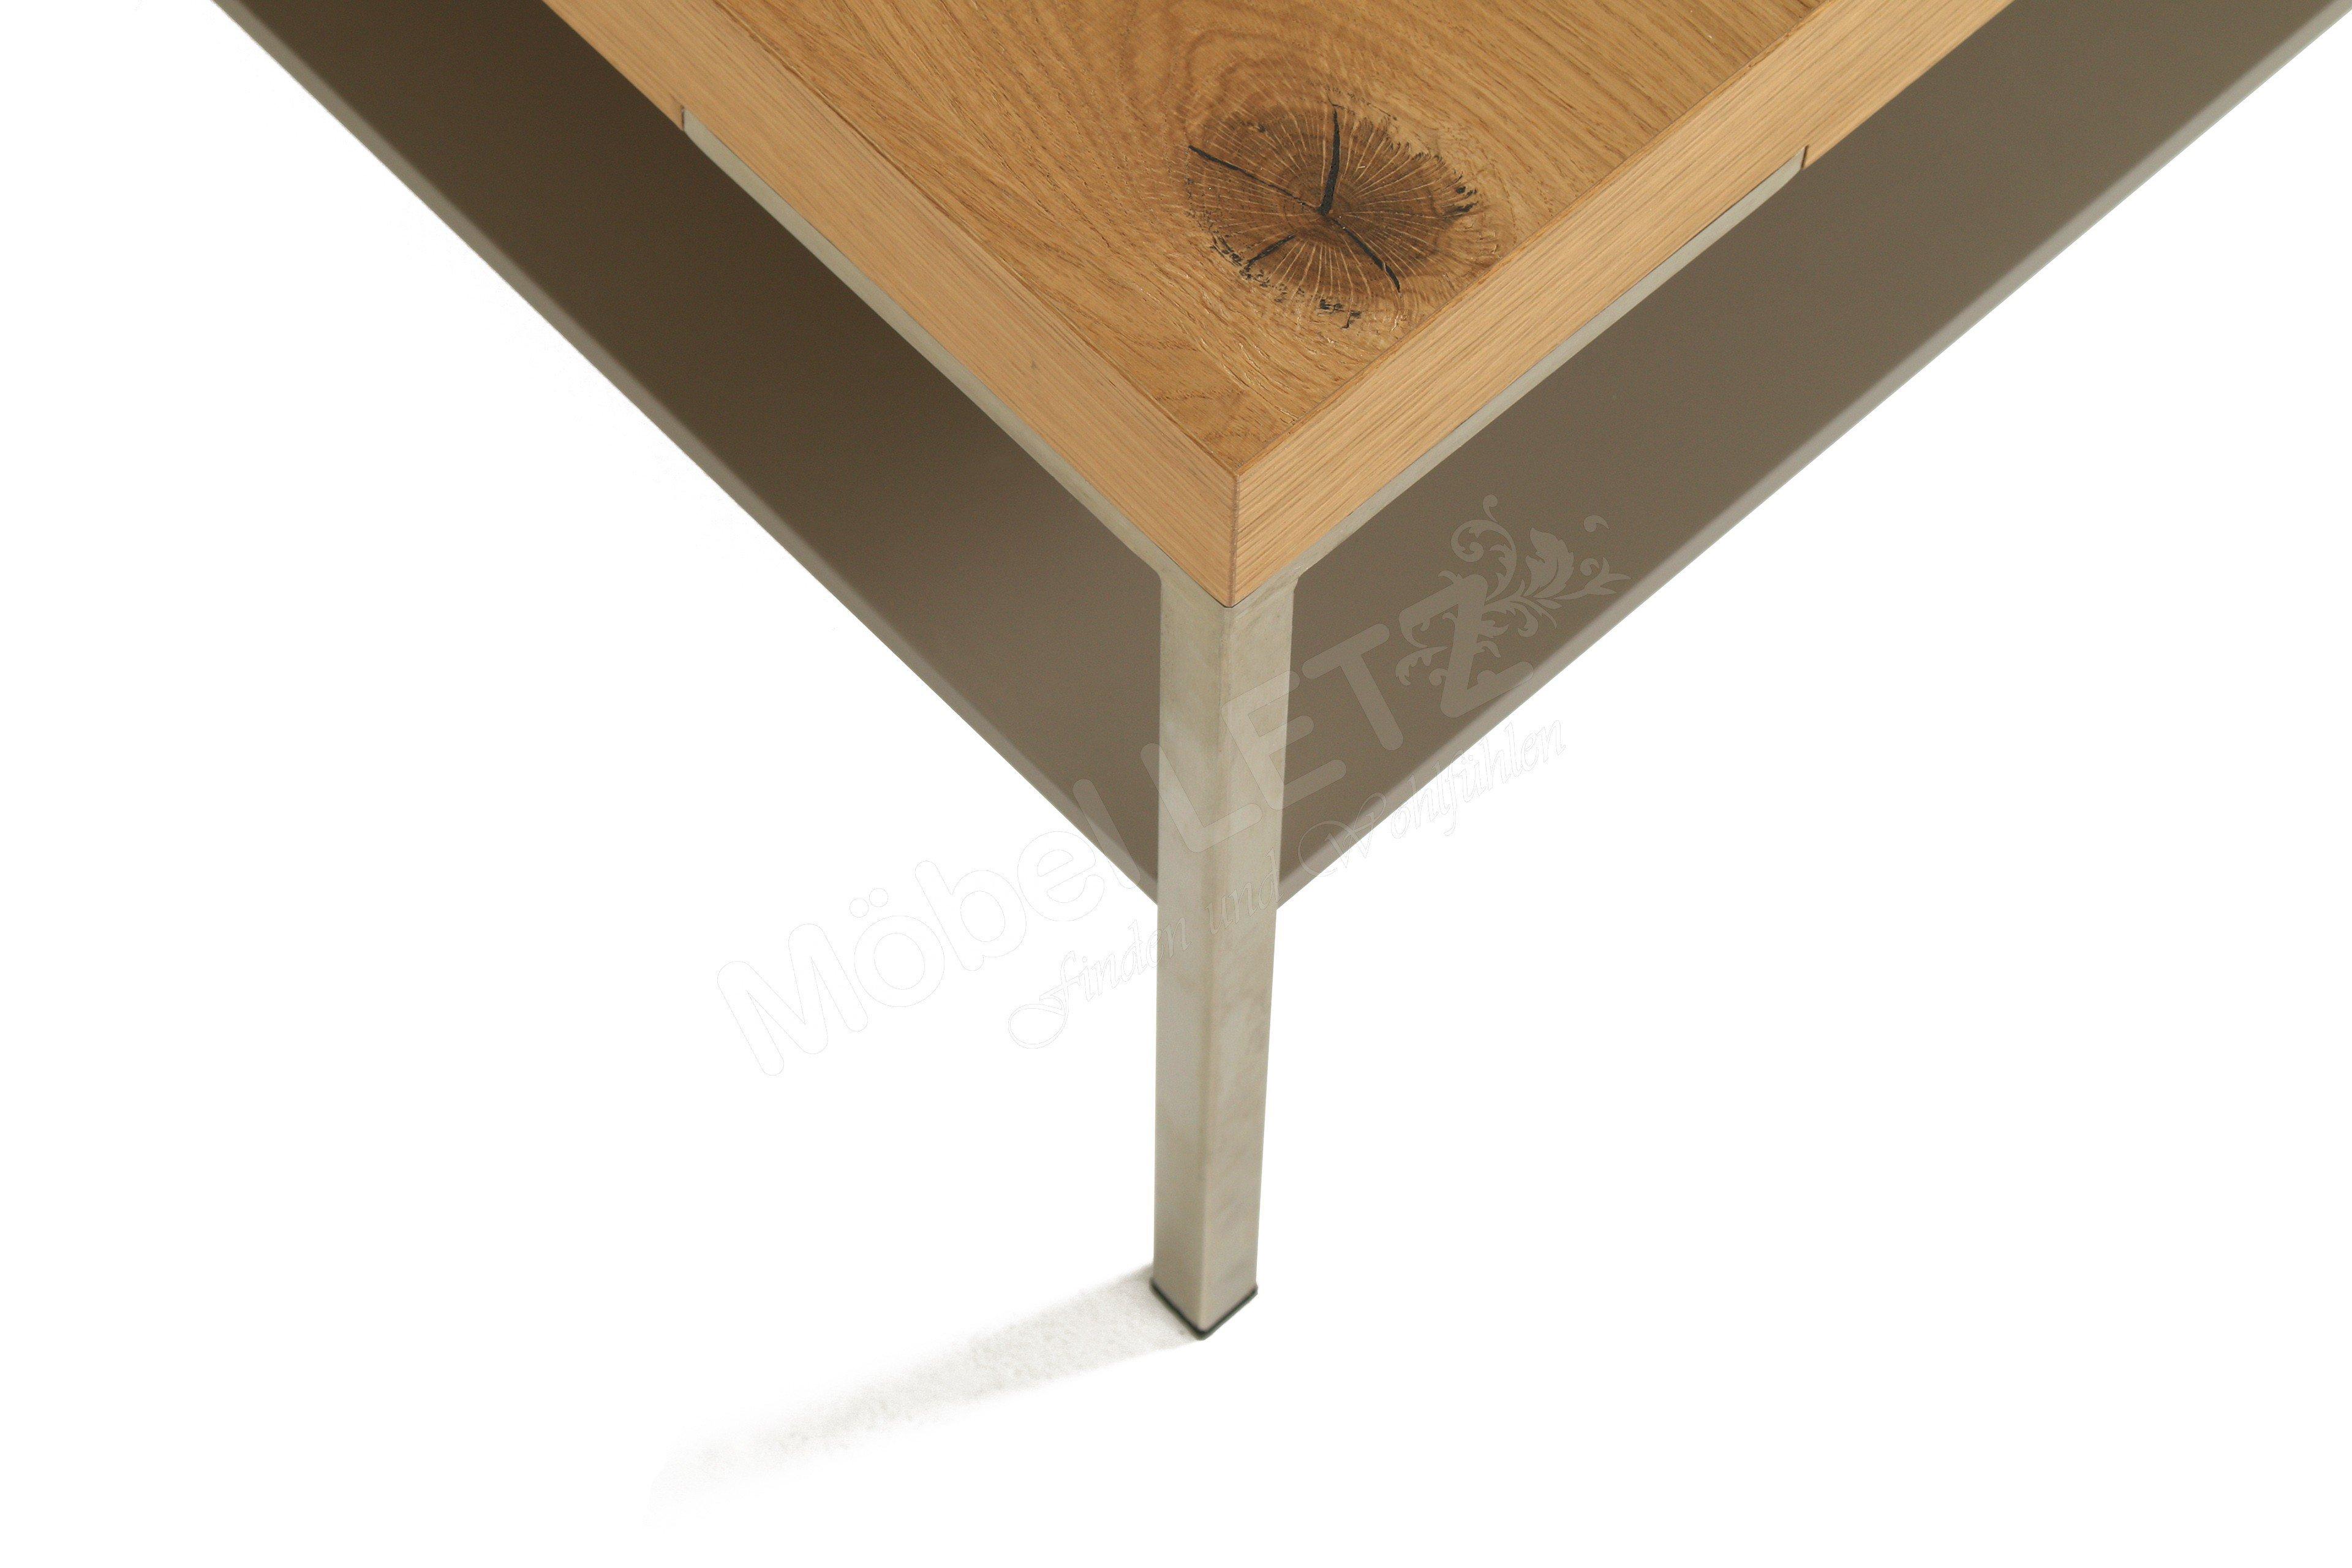 couchtisch ct501 85 balkeneiche gwinner wohndesign m bel letz ihr online shop. Black Bedroom Furniture Sets. Home Design Ideas